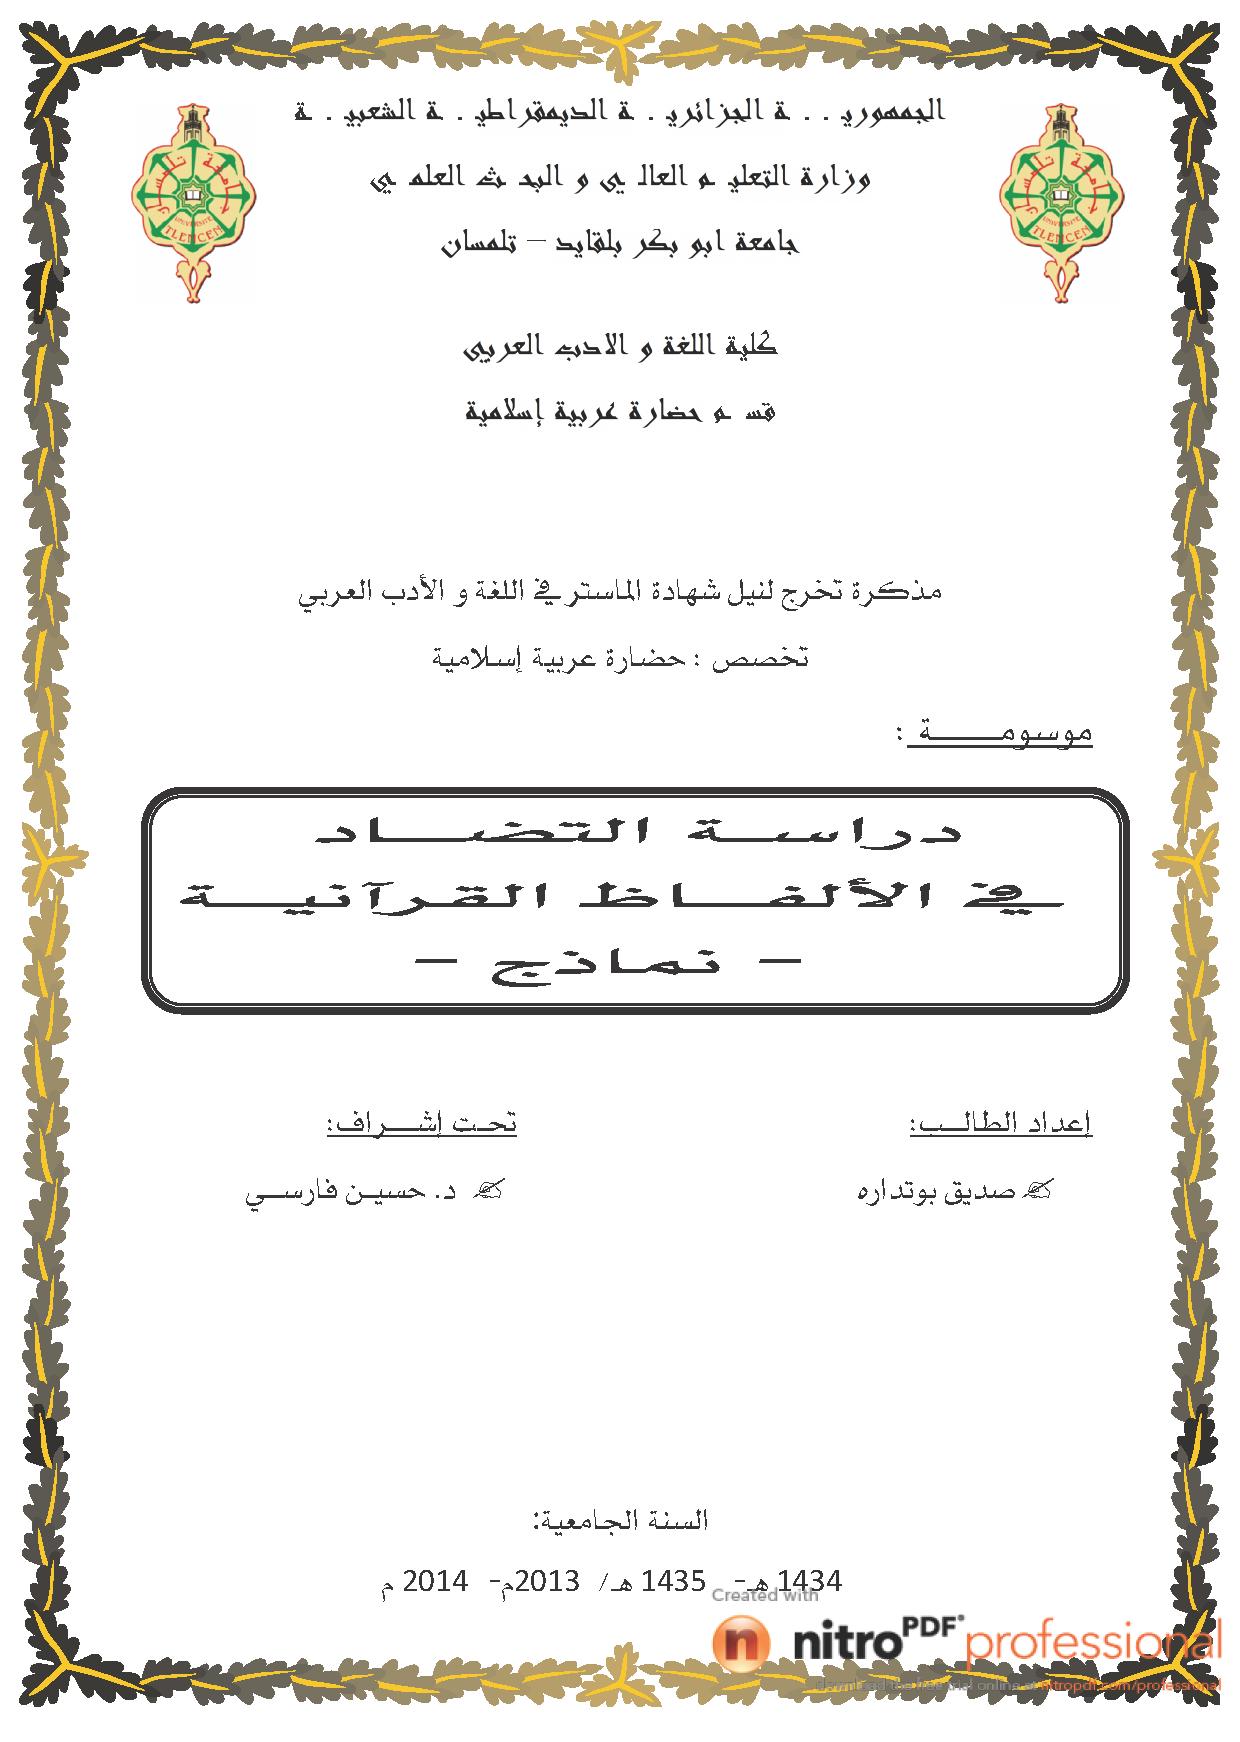 تحميل كتاب دراسة التضاد في الألفاظ القرآنية (نماذج) لـِ: صديق بوتداره